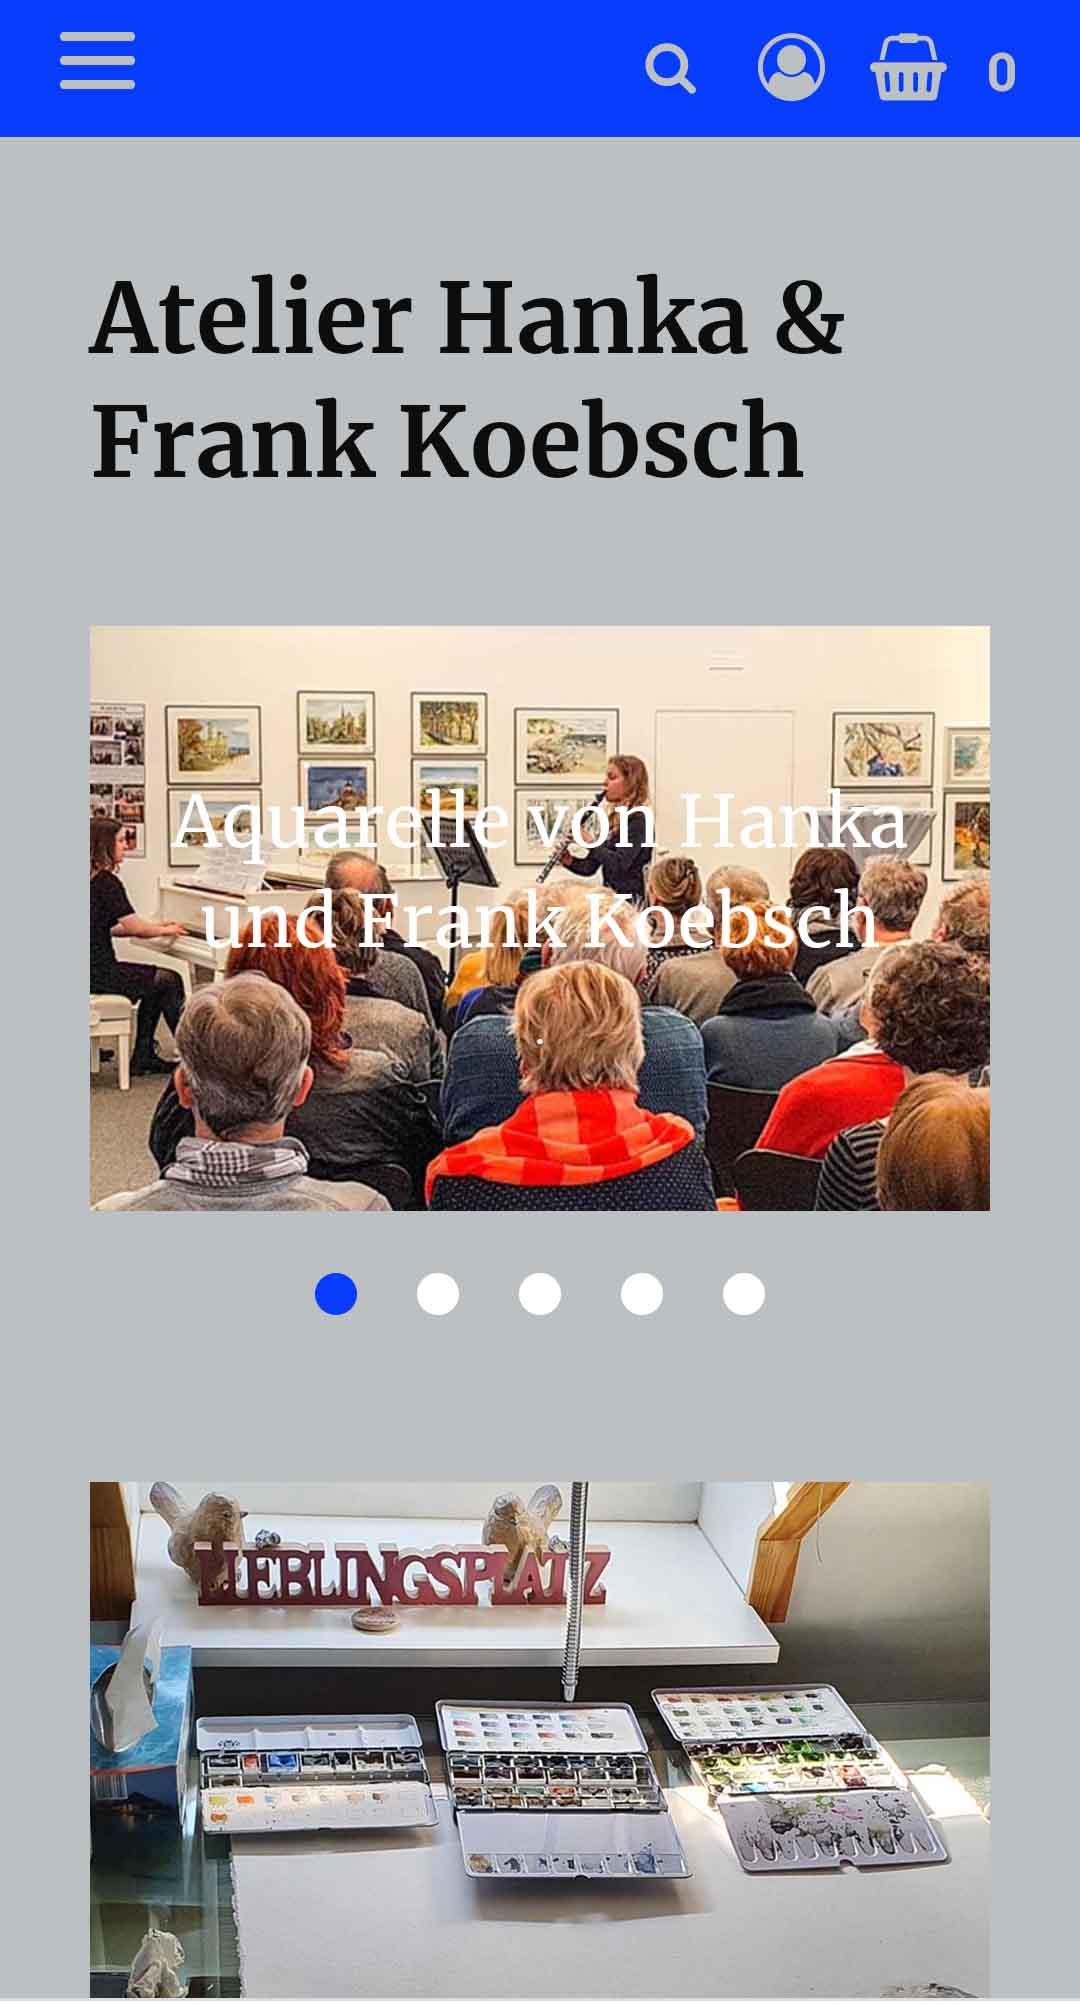 Startseite mit einem neuen Look and Feel unsere Web Seite atelier-koebsch.de auf einem Smartphone